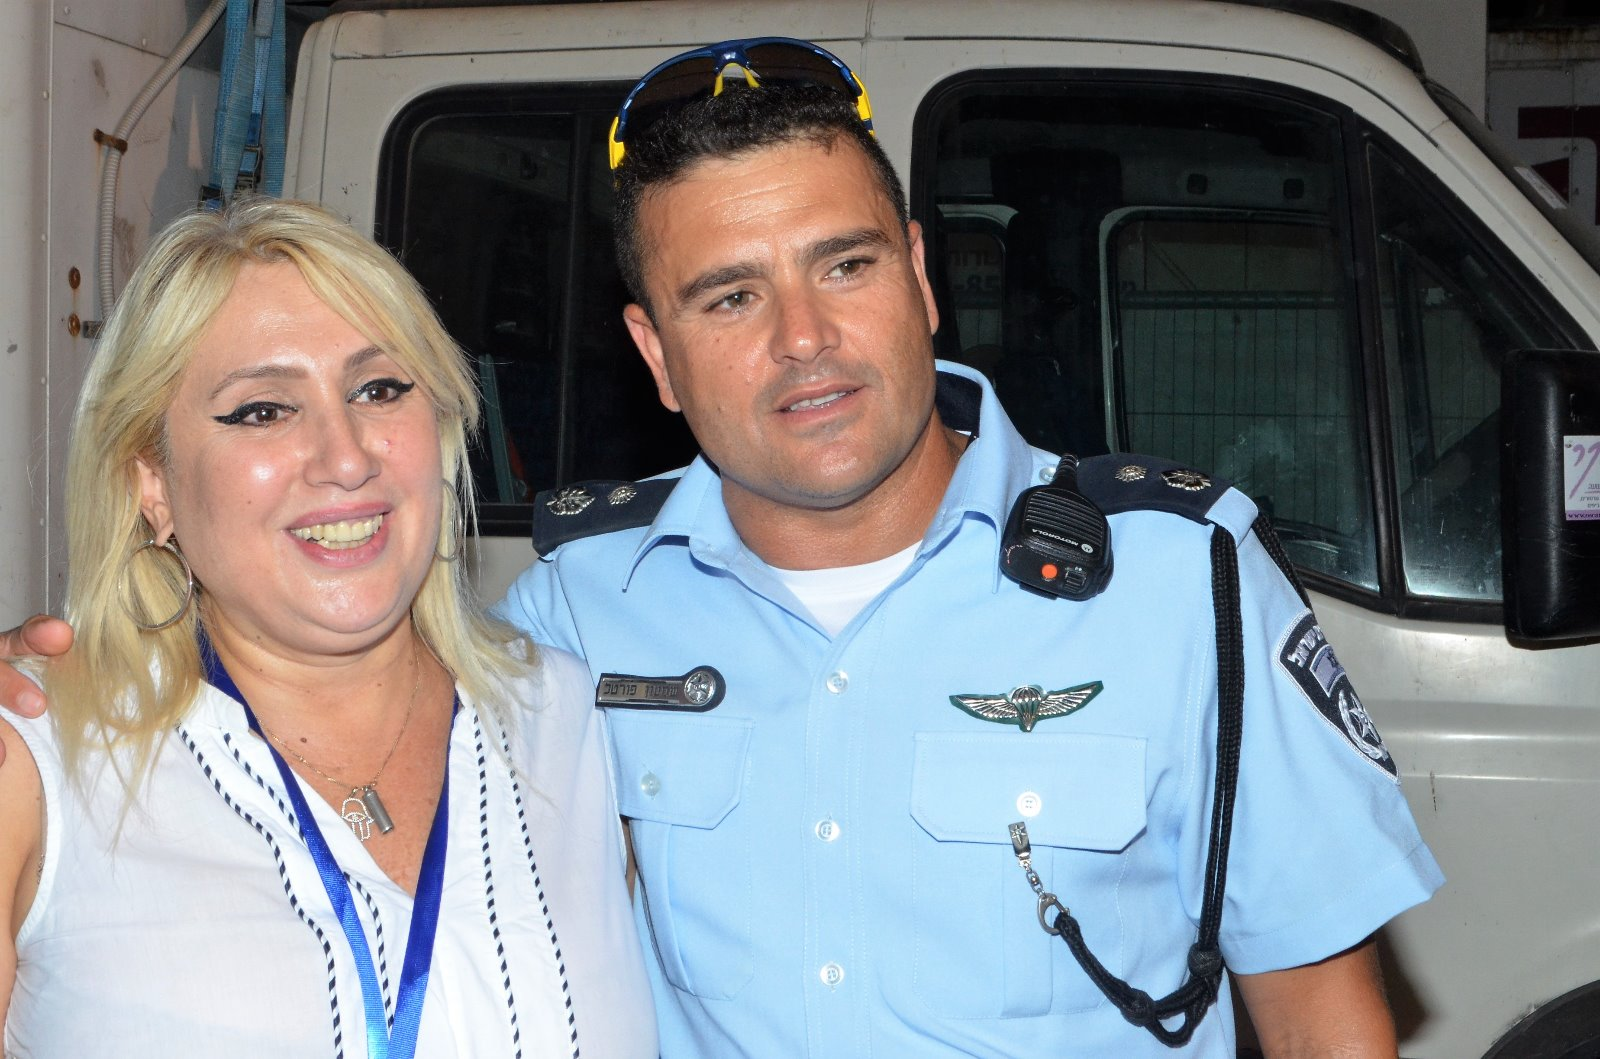 """מפקד משטרת אשדוד סנ""""צ שמעון פורטל עם איריס נפתלי בפסטיבל חלון לים התיכון. צילום: אריק ז'ורנו"""